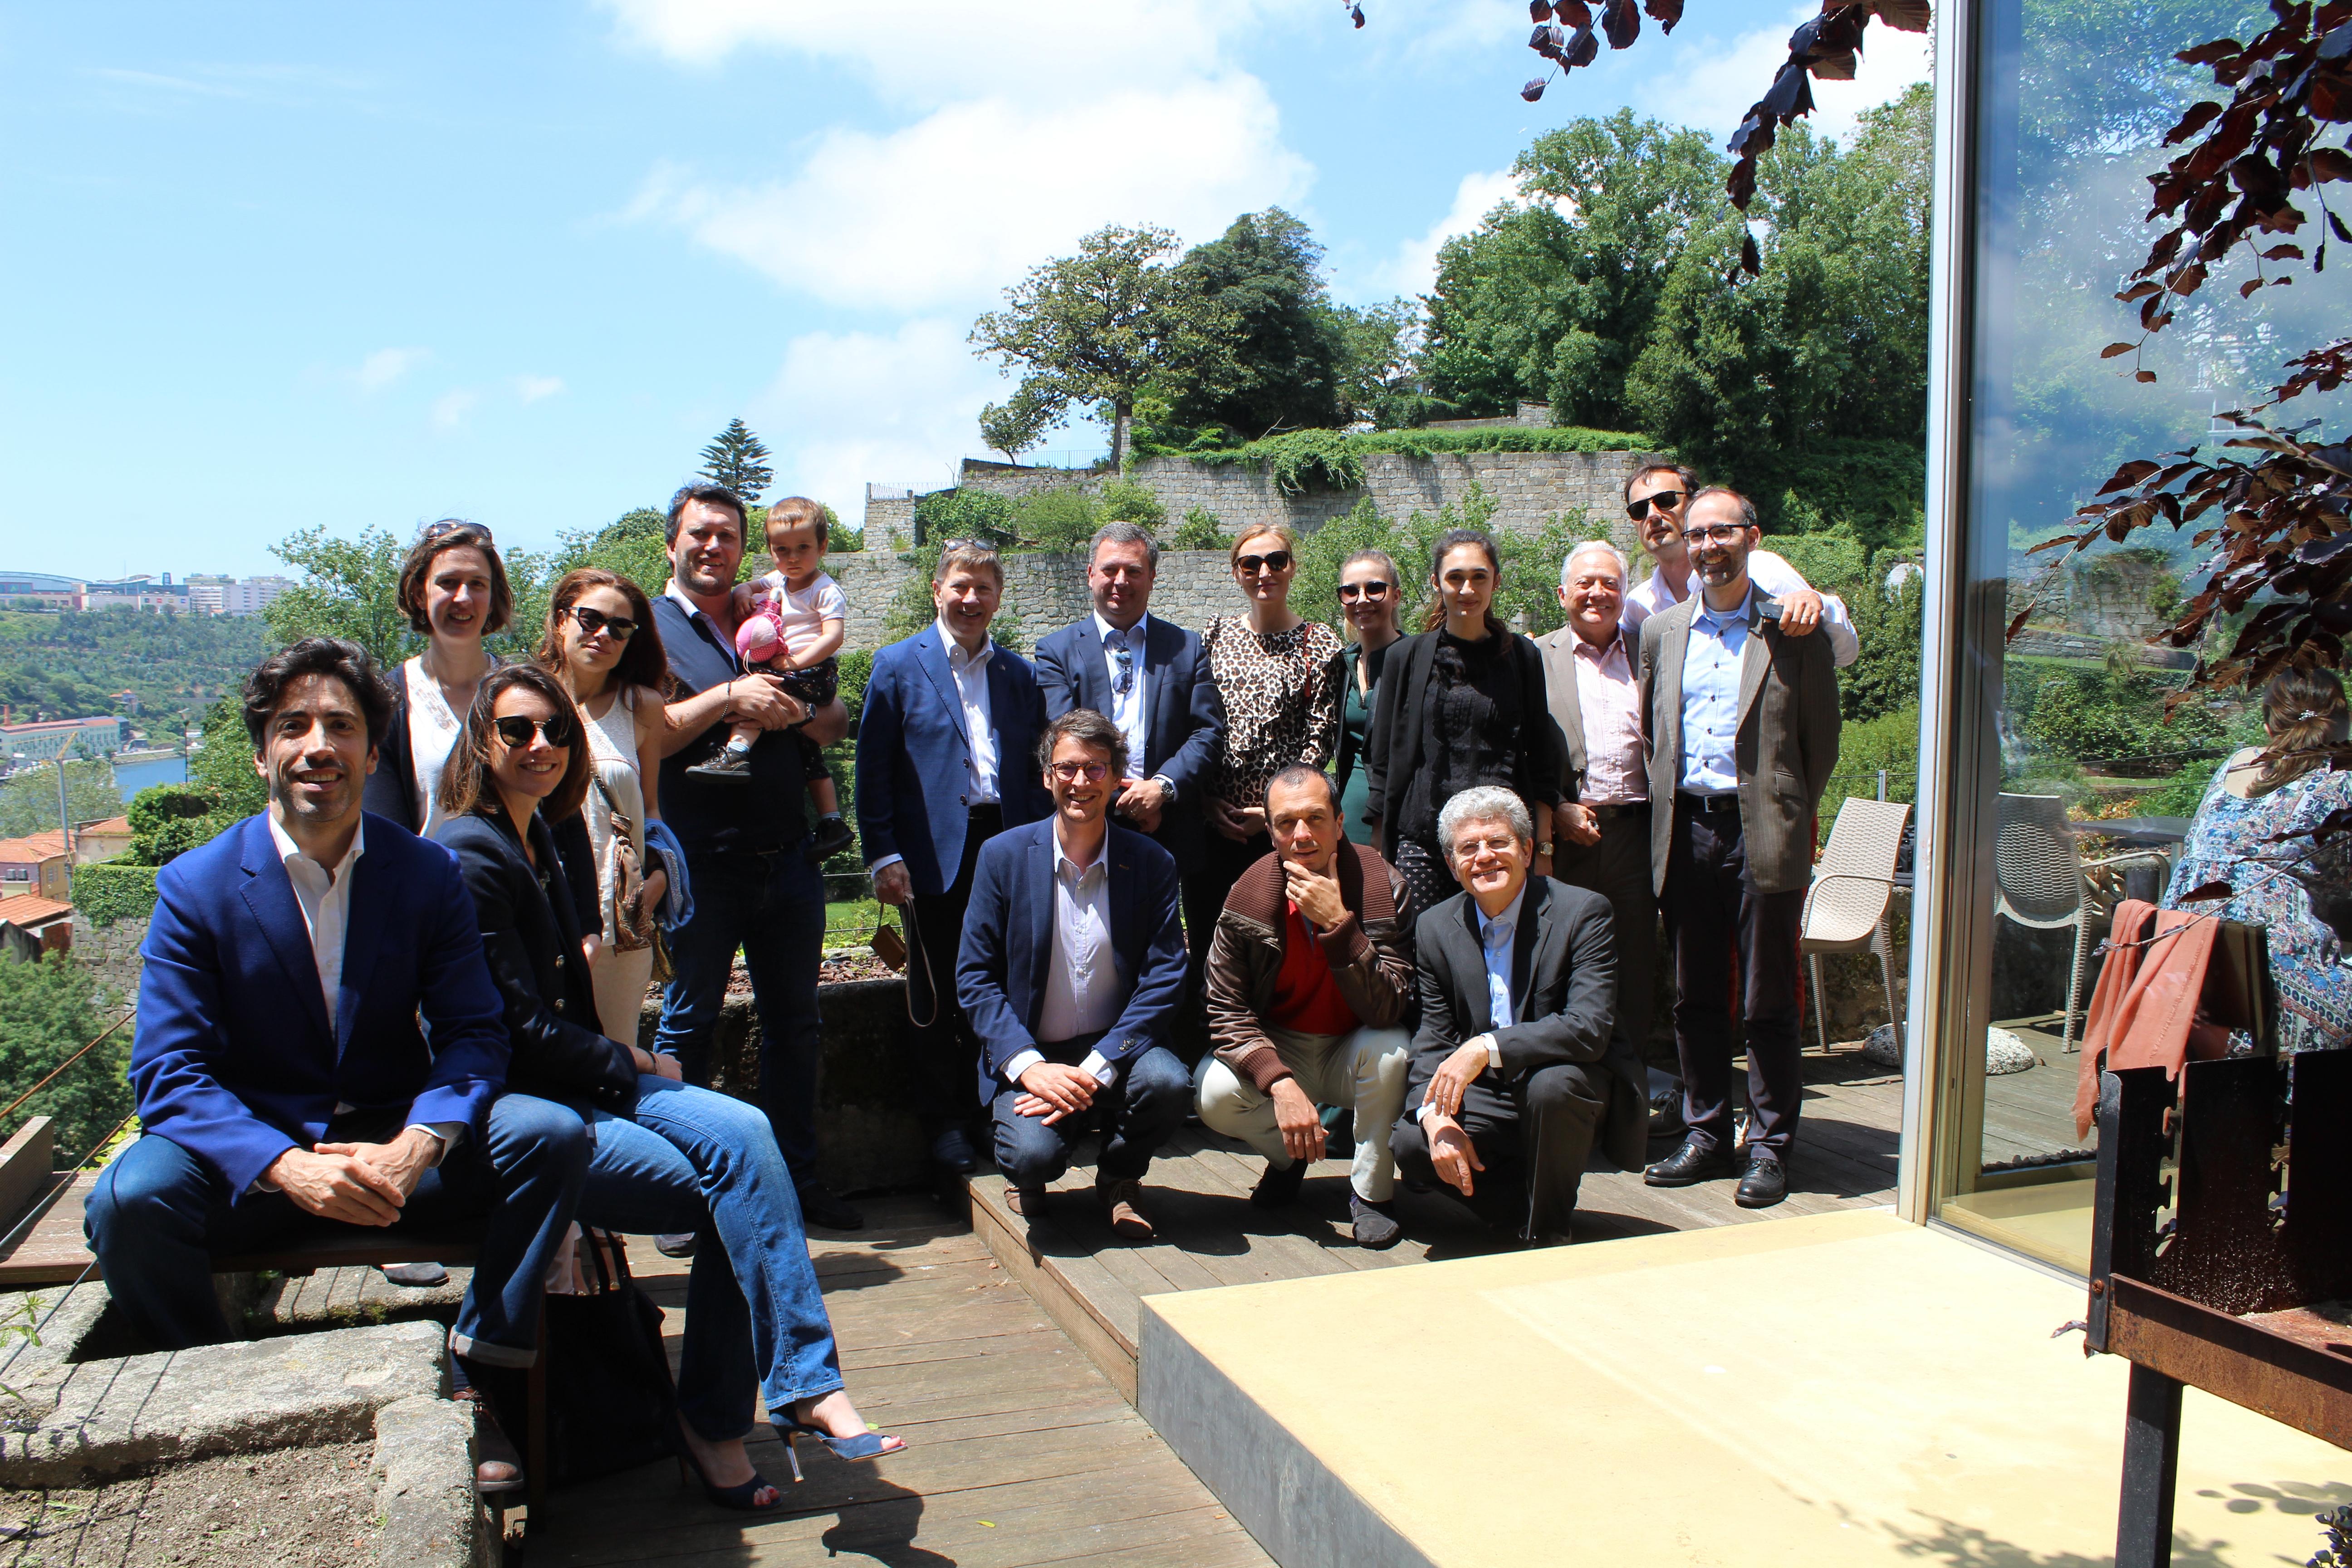 Coroczne zgromadzenie ogólne członków międzynarodowego stowarzyszenia I-Legal Team